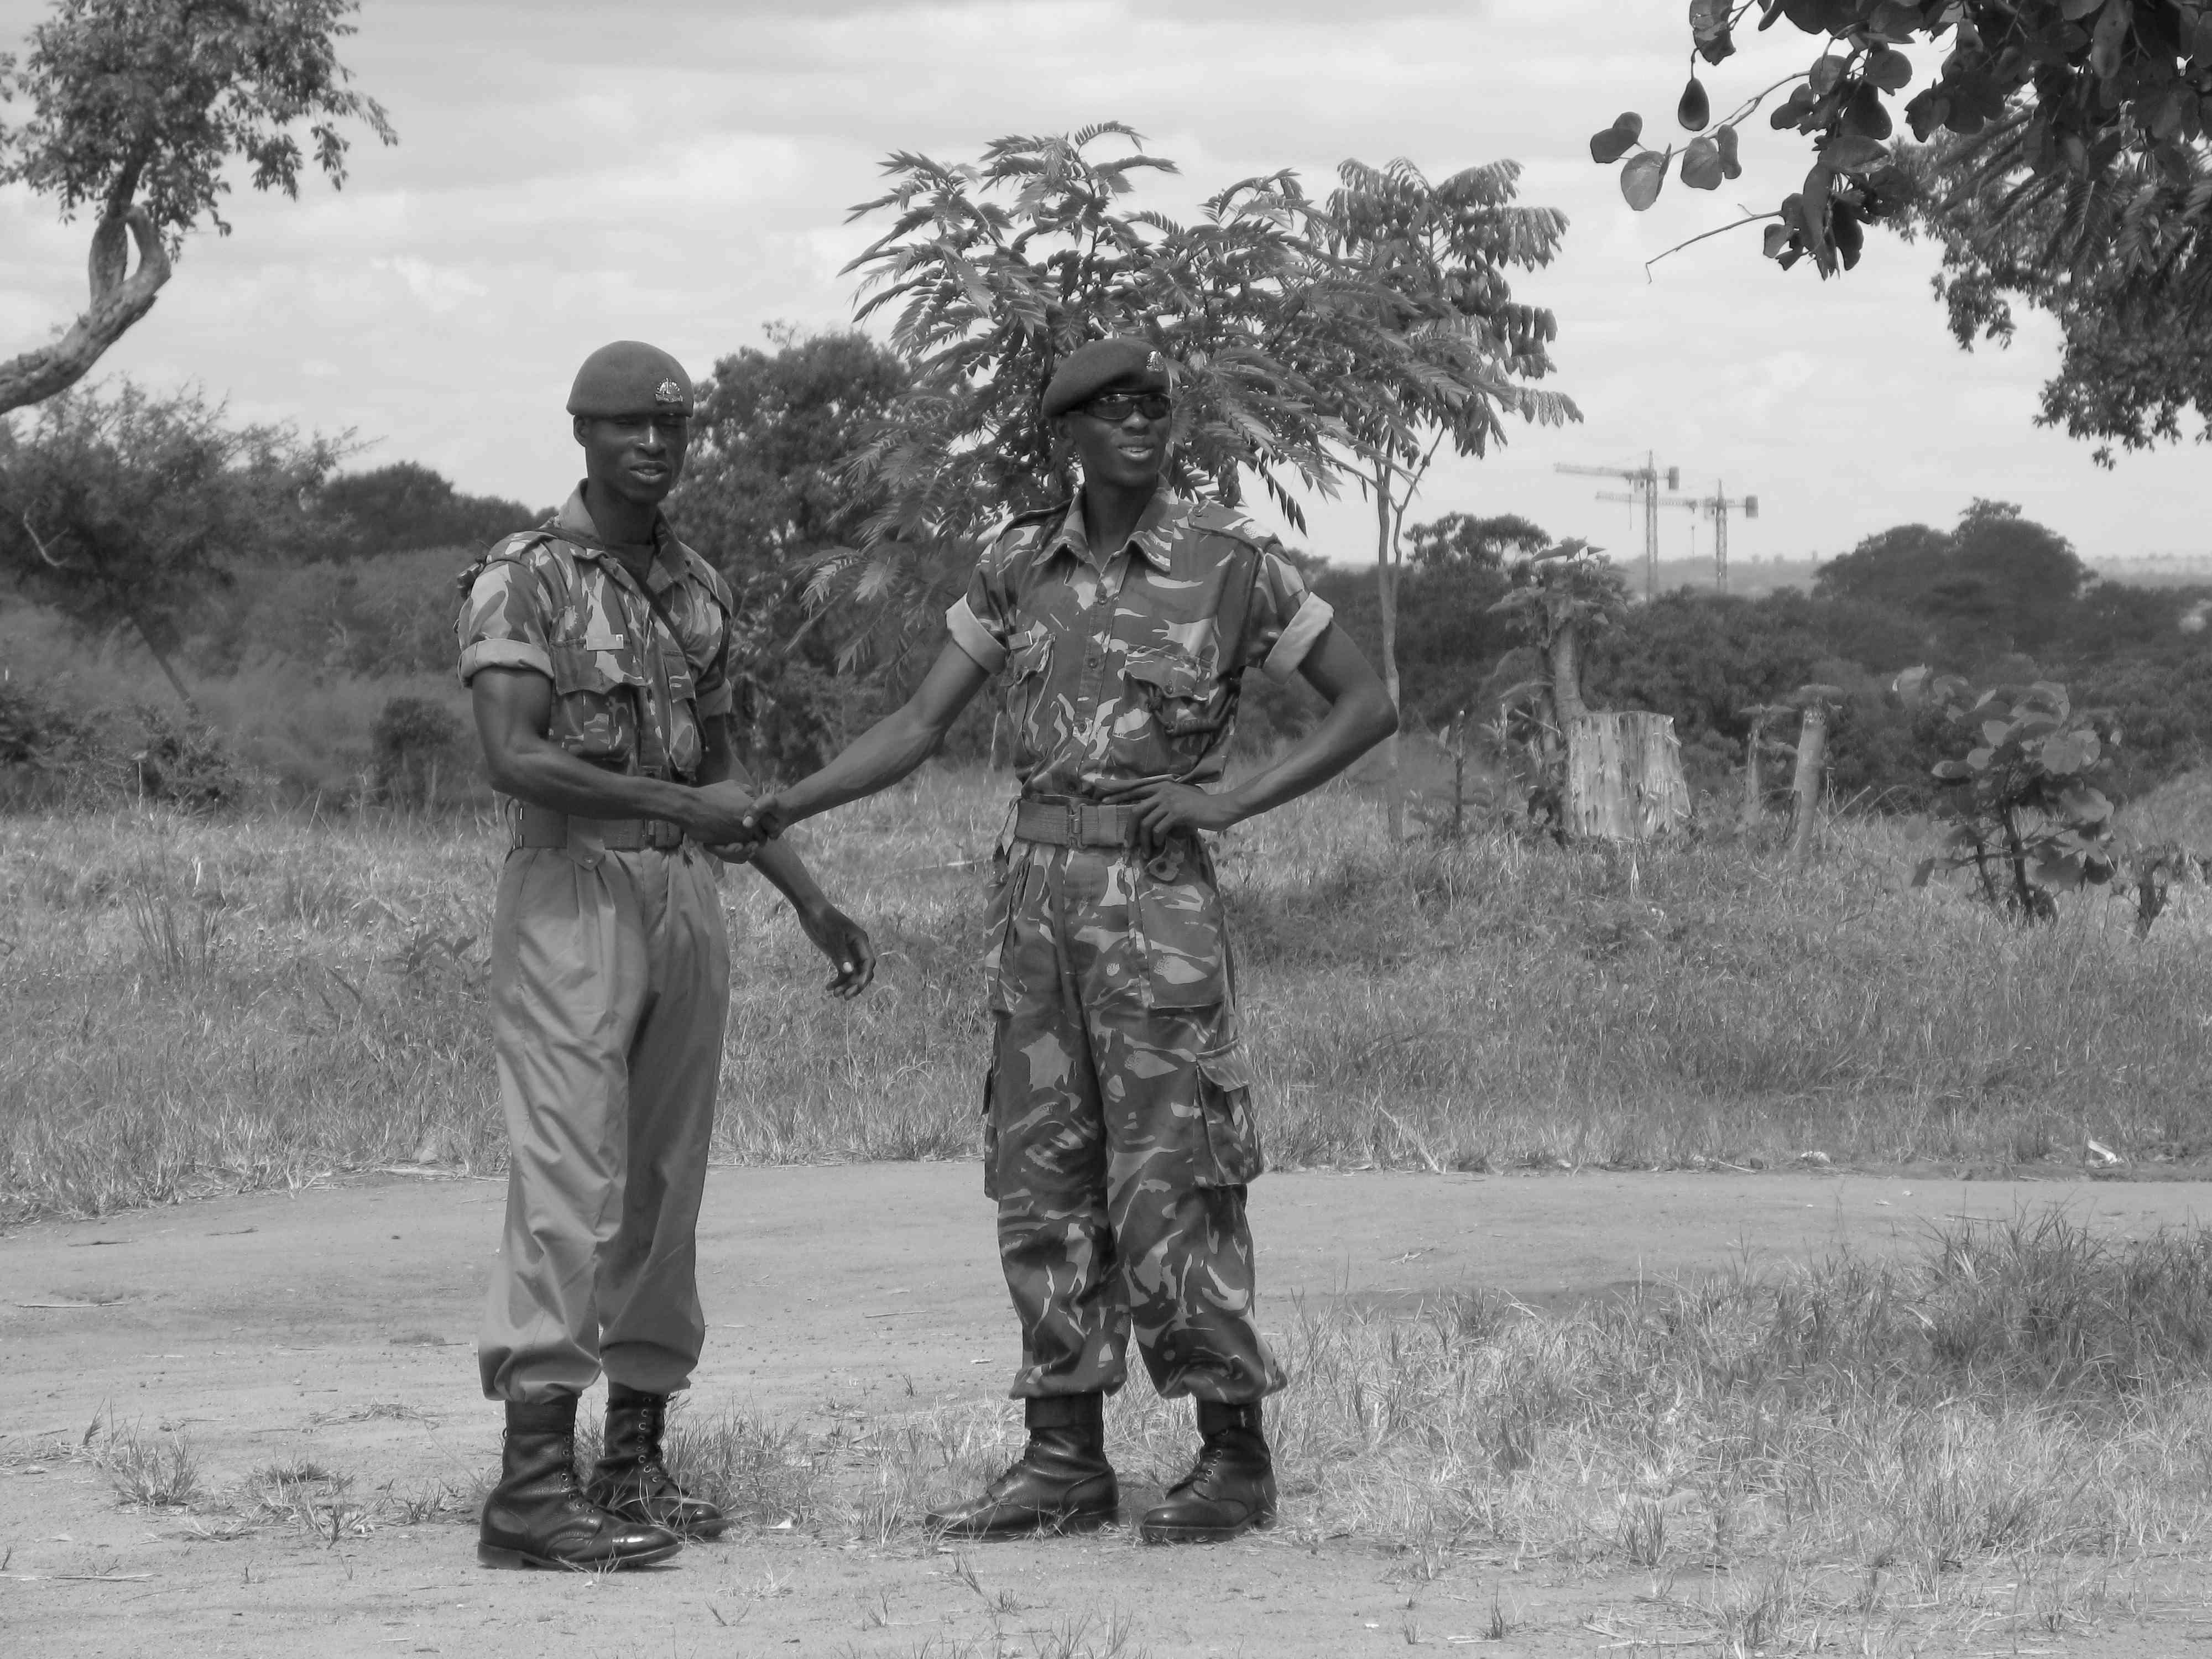 Malawian Soldiers